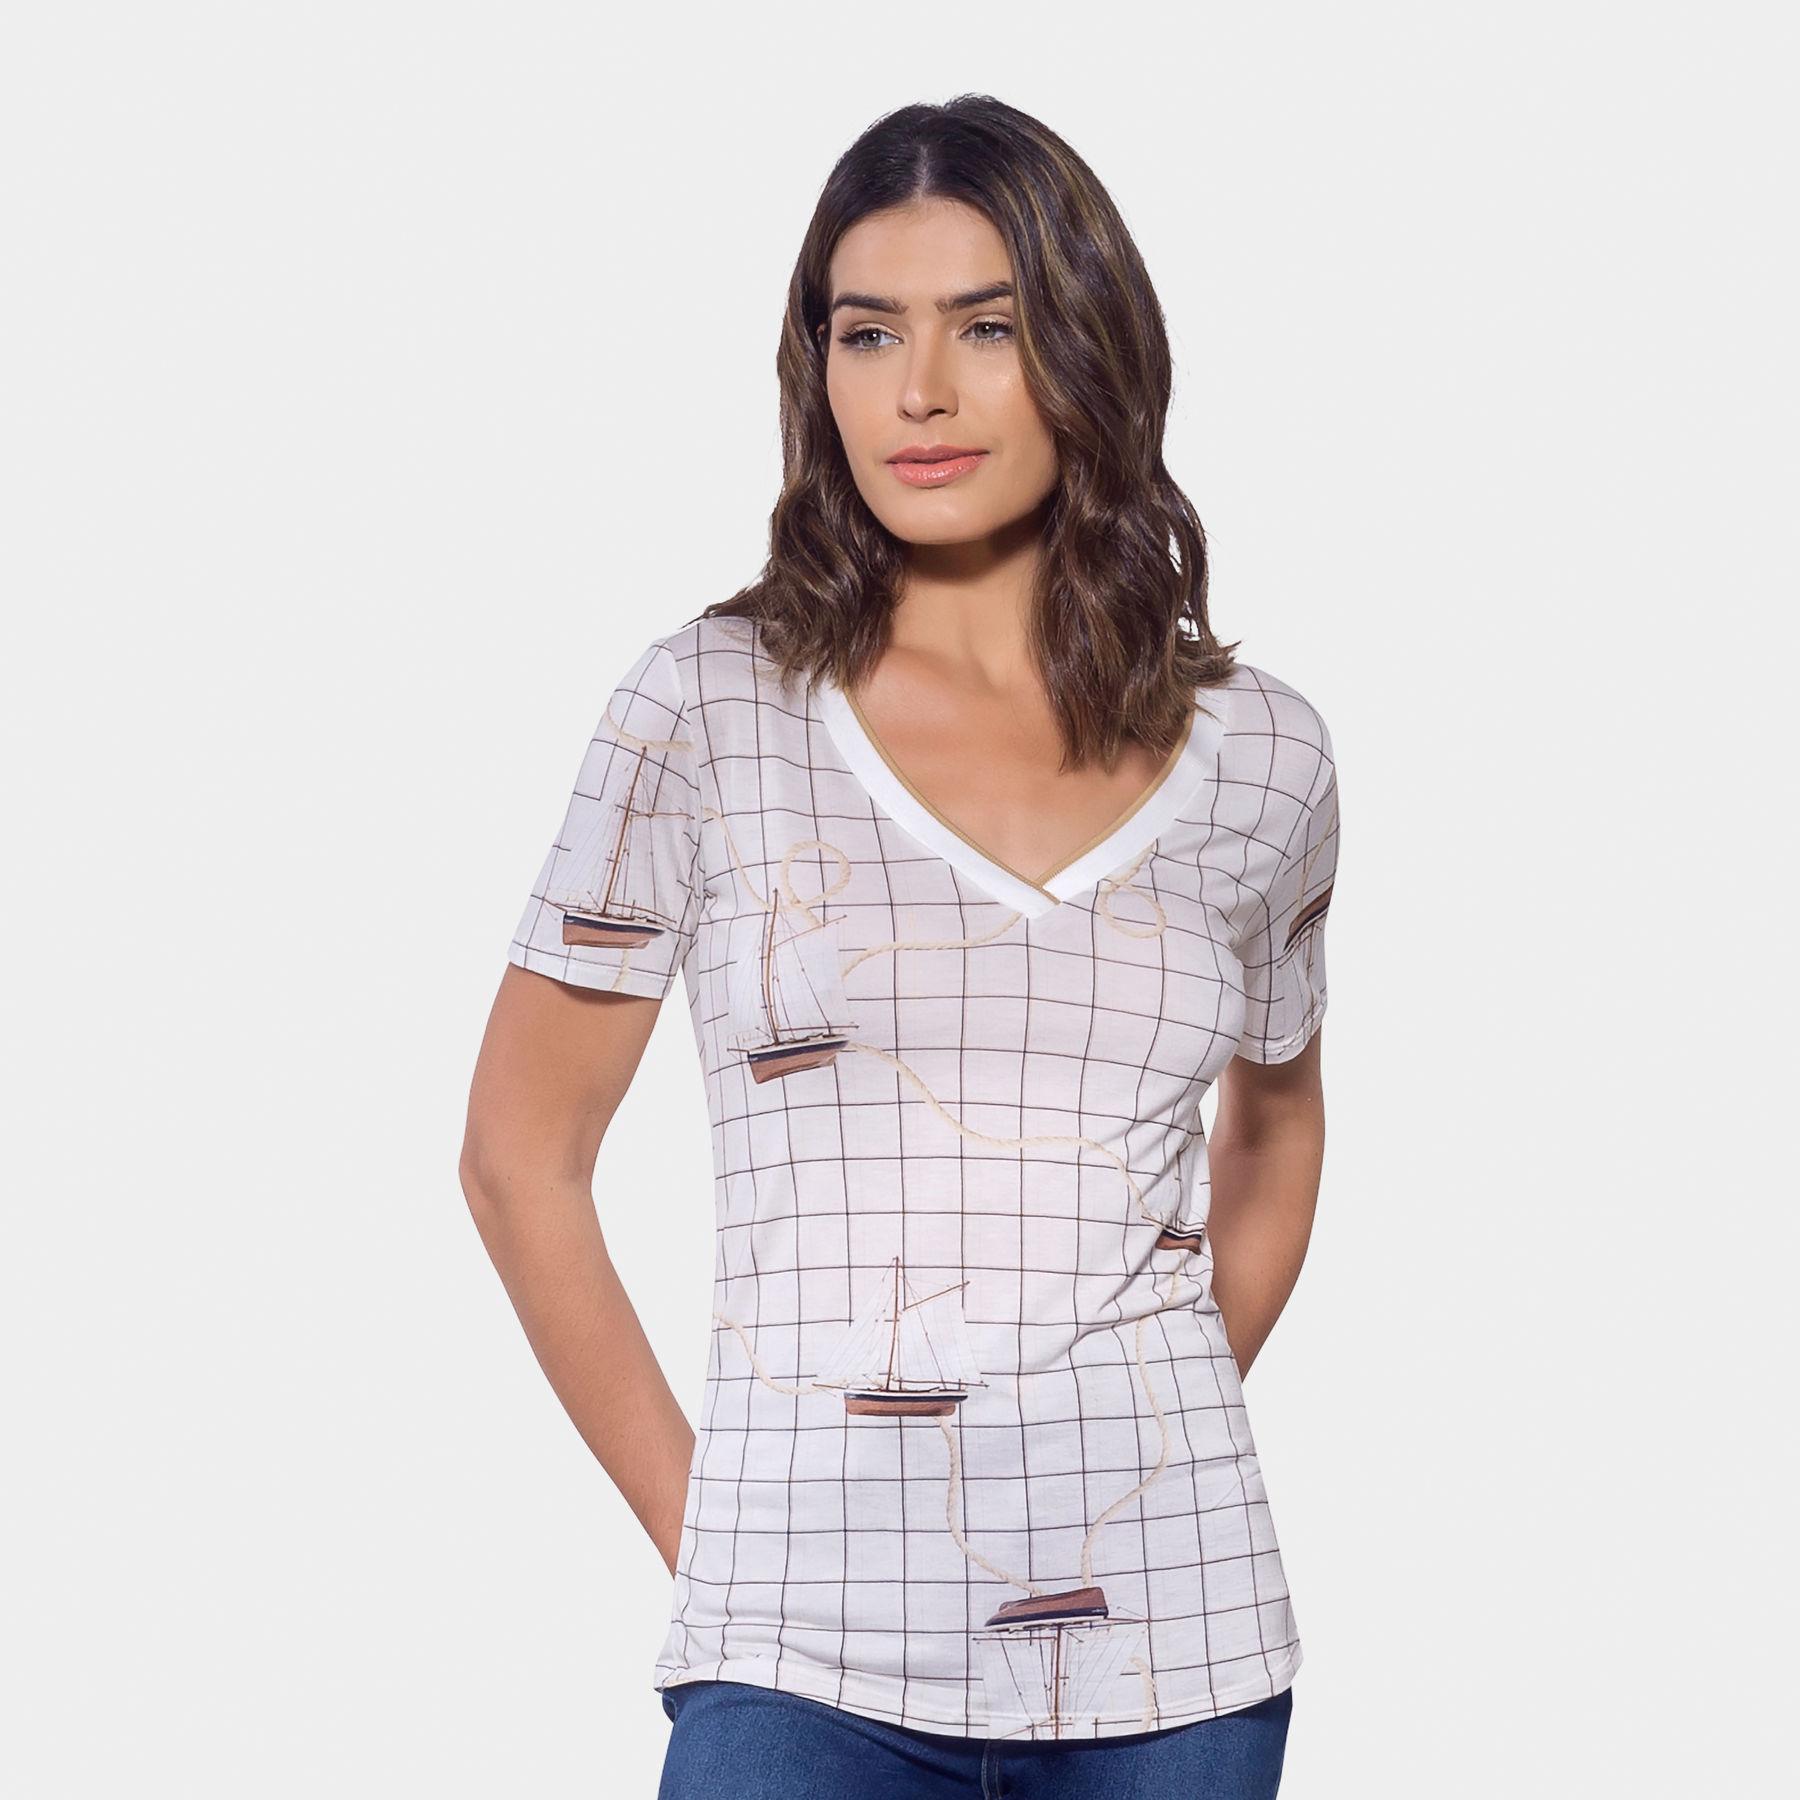 c5ae8572e4 Blusa Estampada Decote V Malha Blanc - Lez a Lez